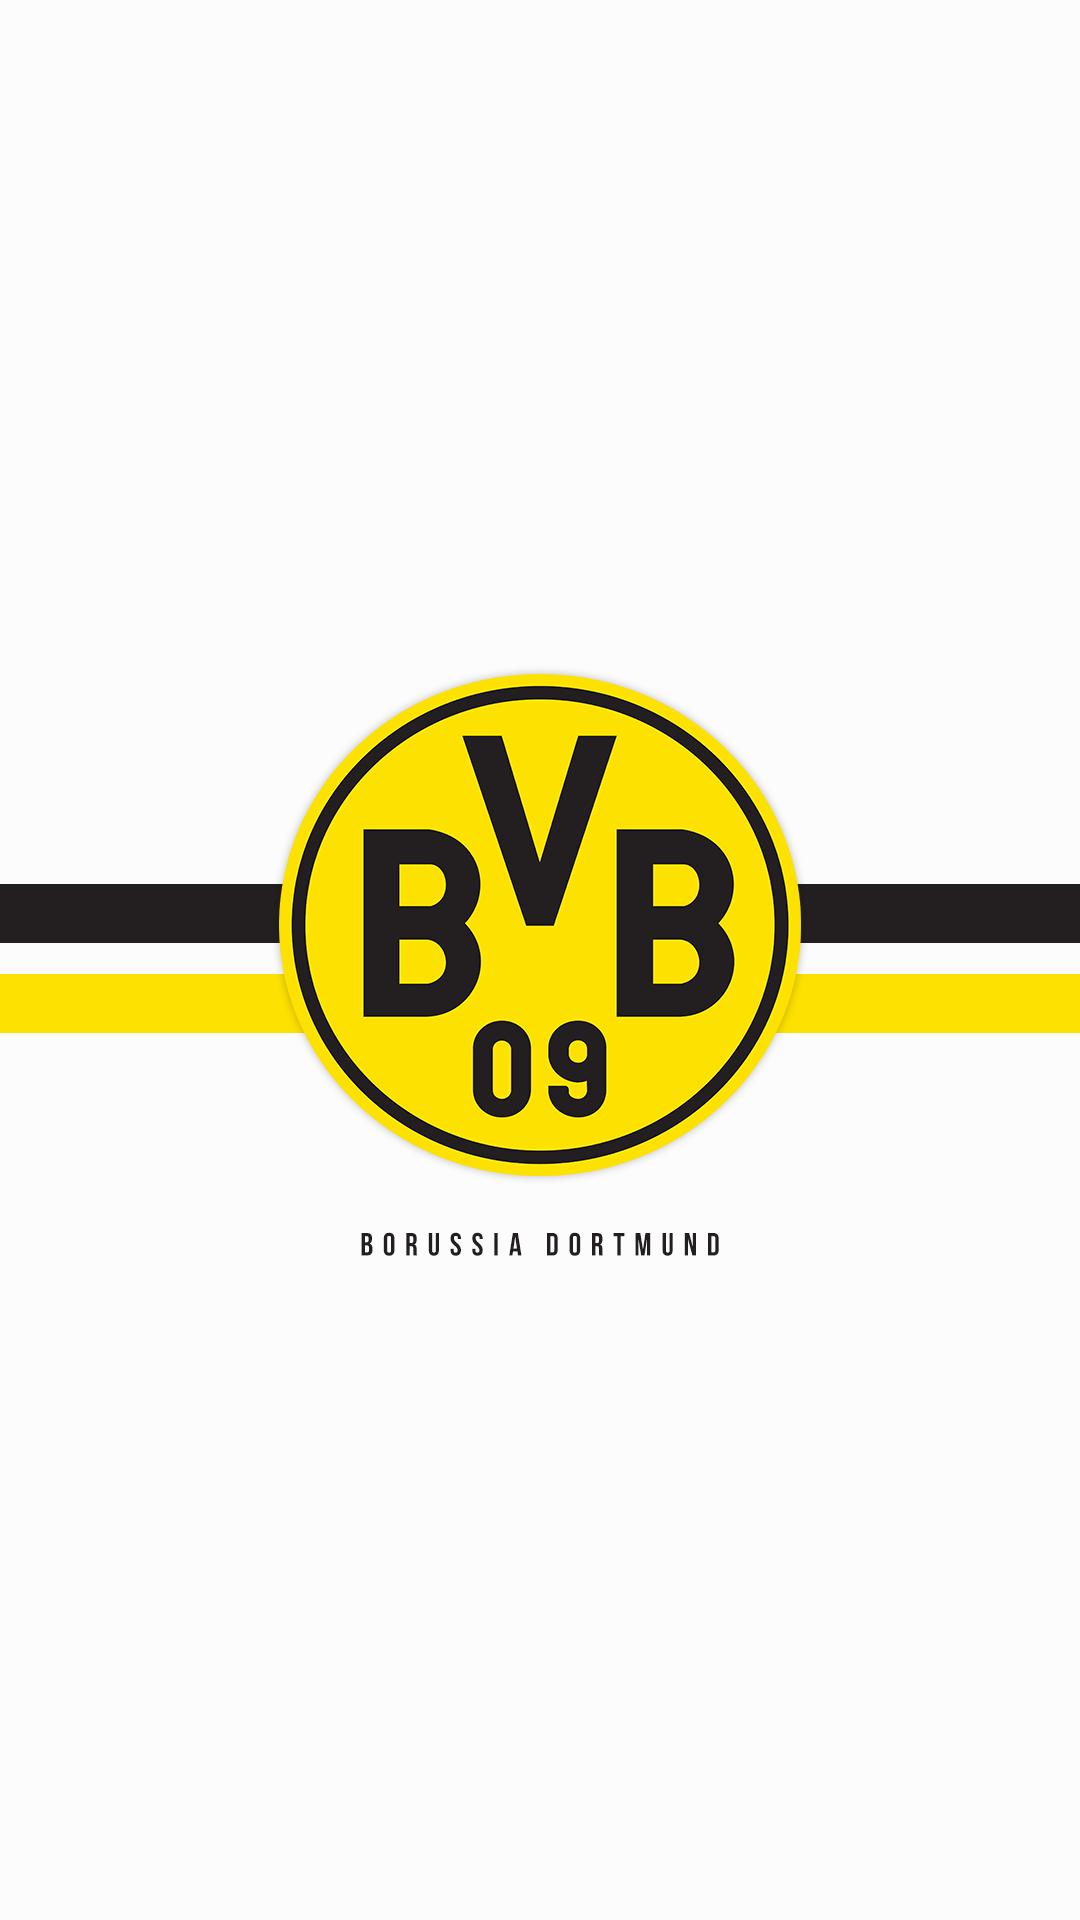 Genial Ausmalbild Wappen Bvb - Art von Malvorlagen